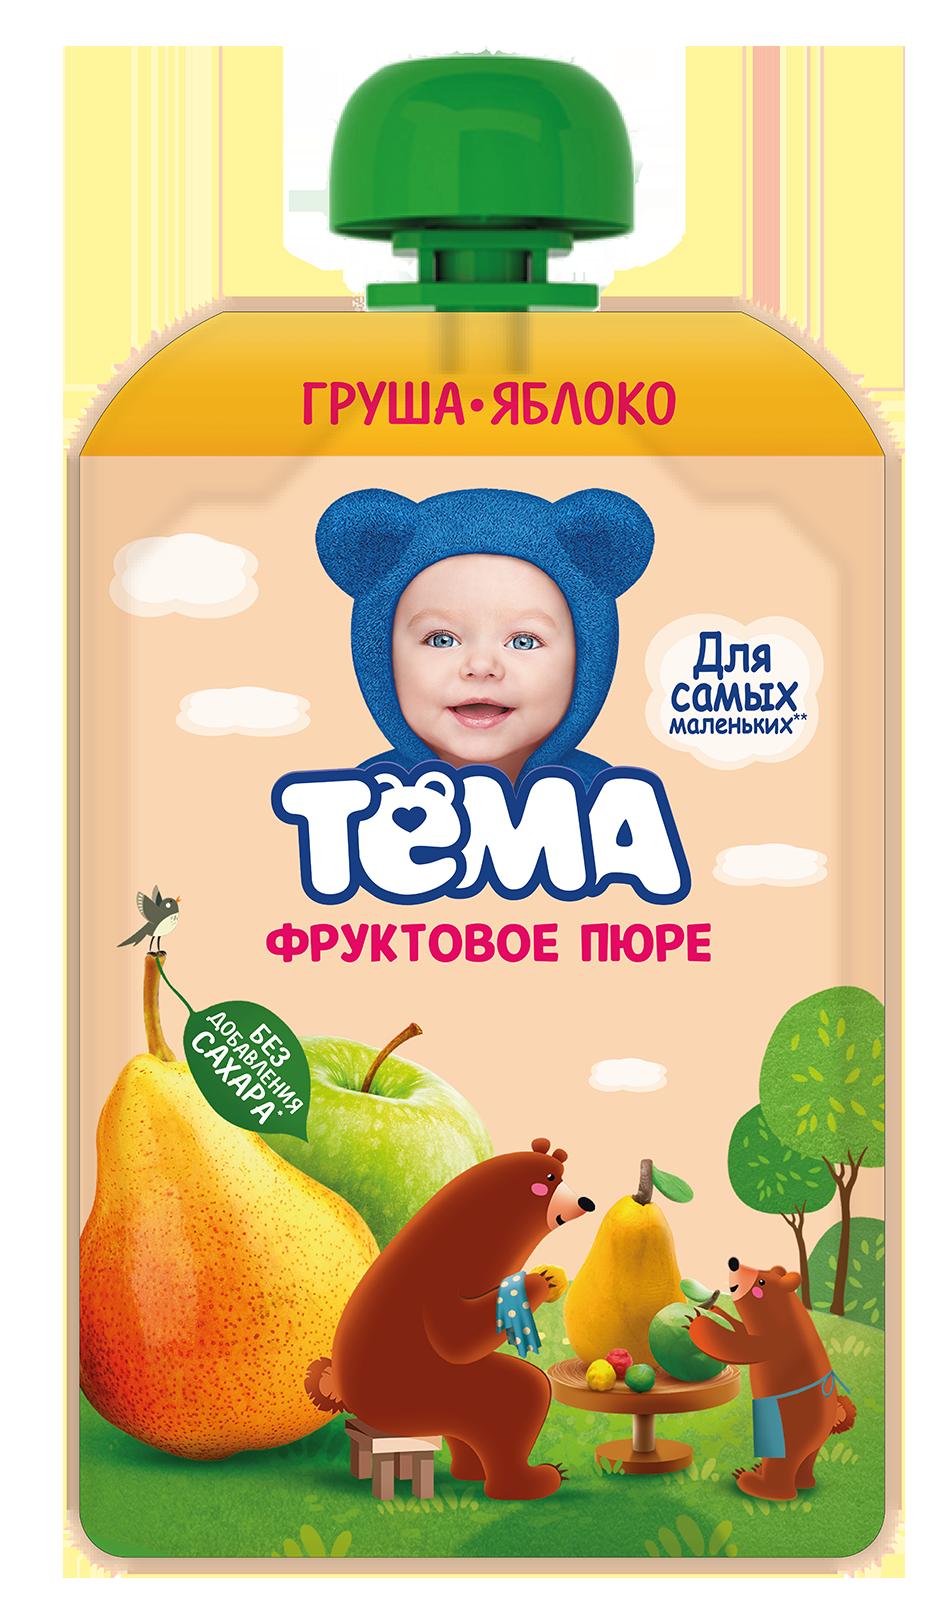 Фото - Тема Фруктовое пюре Груша Яблоко 90 г пюре heinz яблоко груша кабачок 90 г